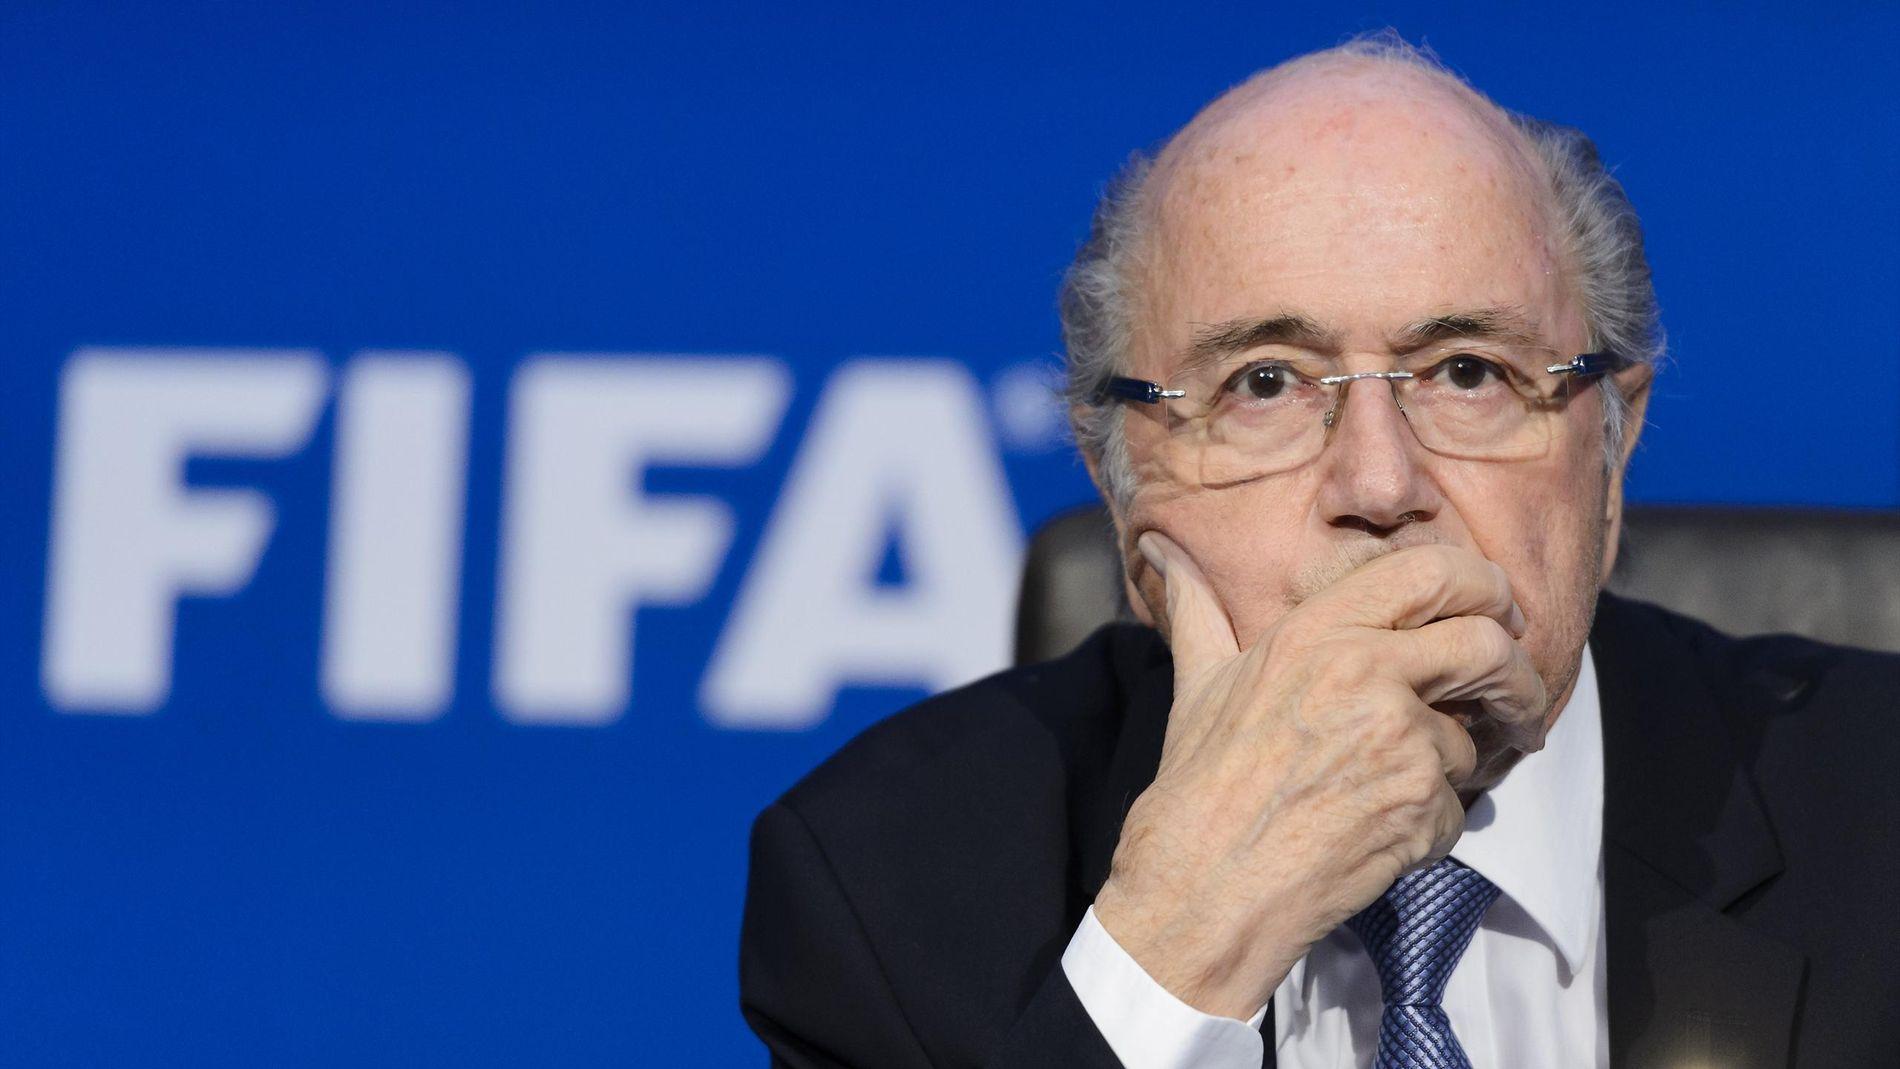 Victime du stress, Blatter est hospitalisé